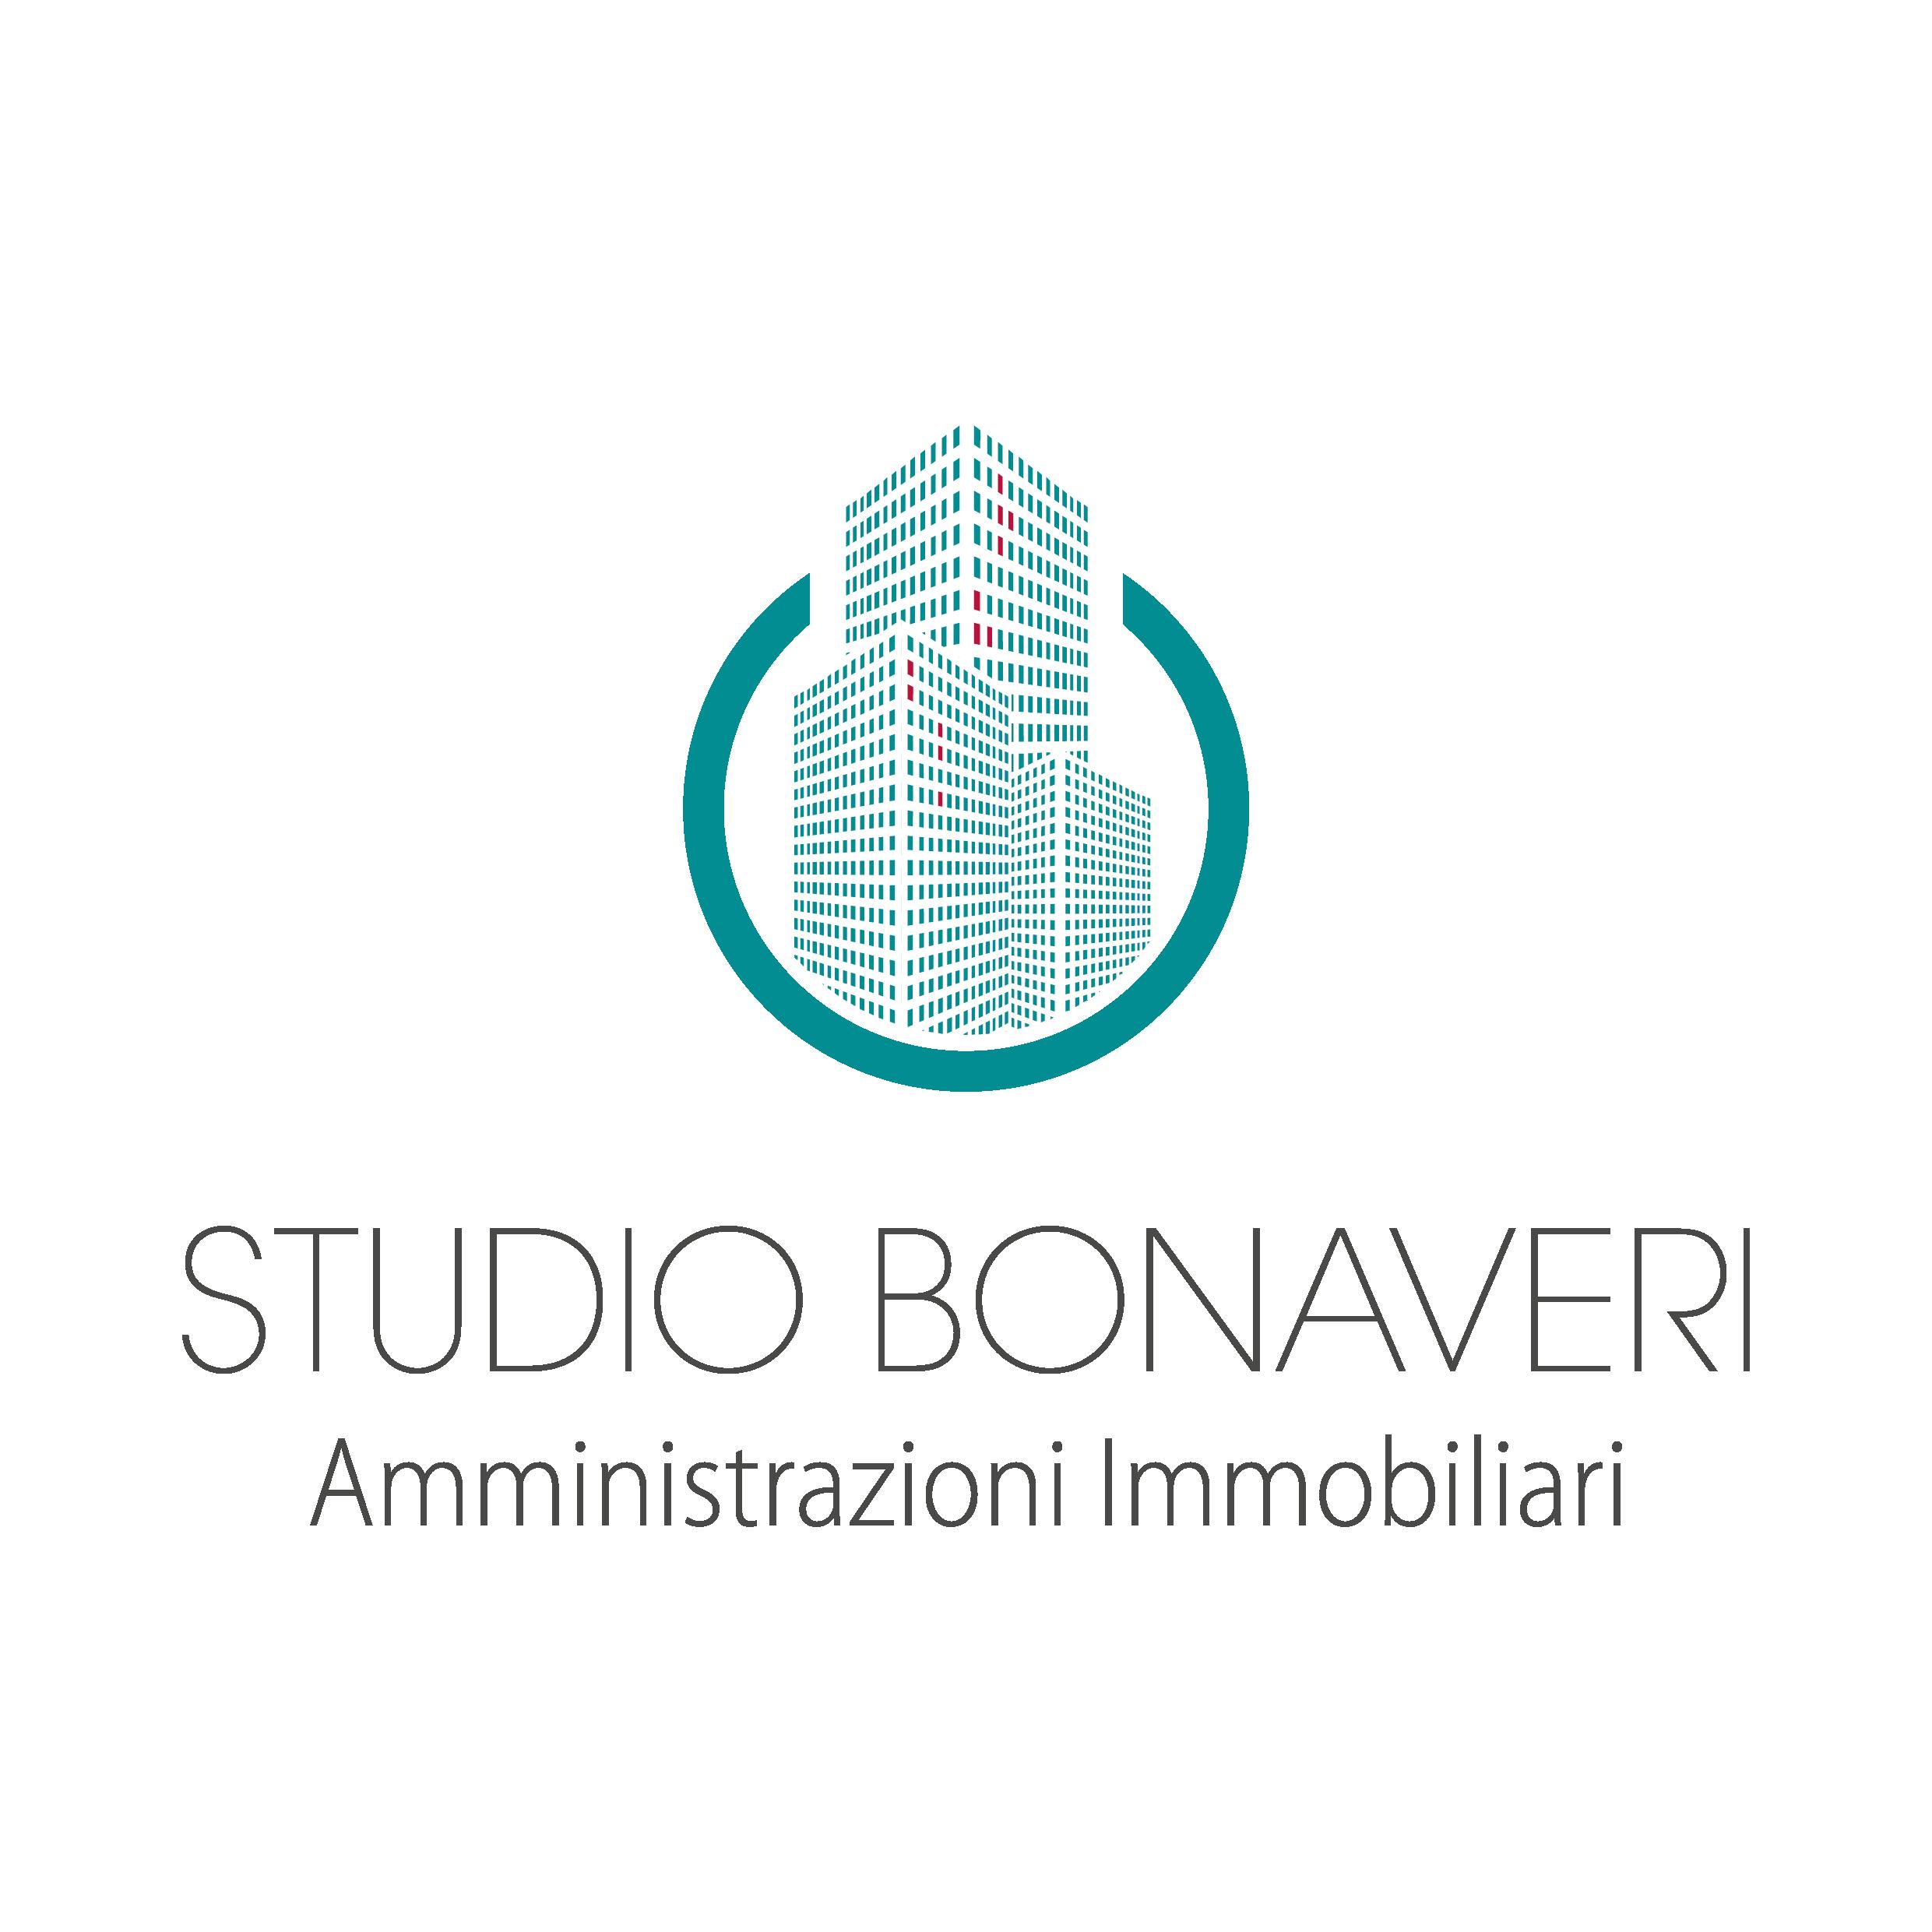 Studio Bonaveri Logo